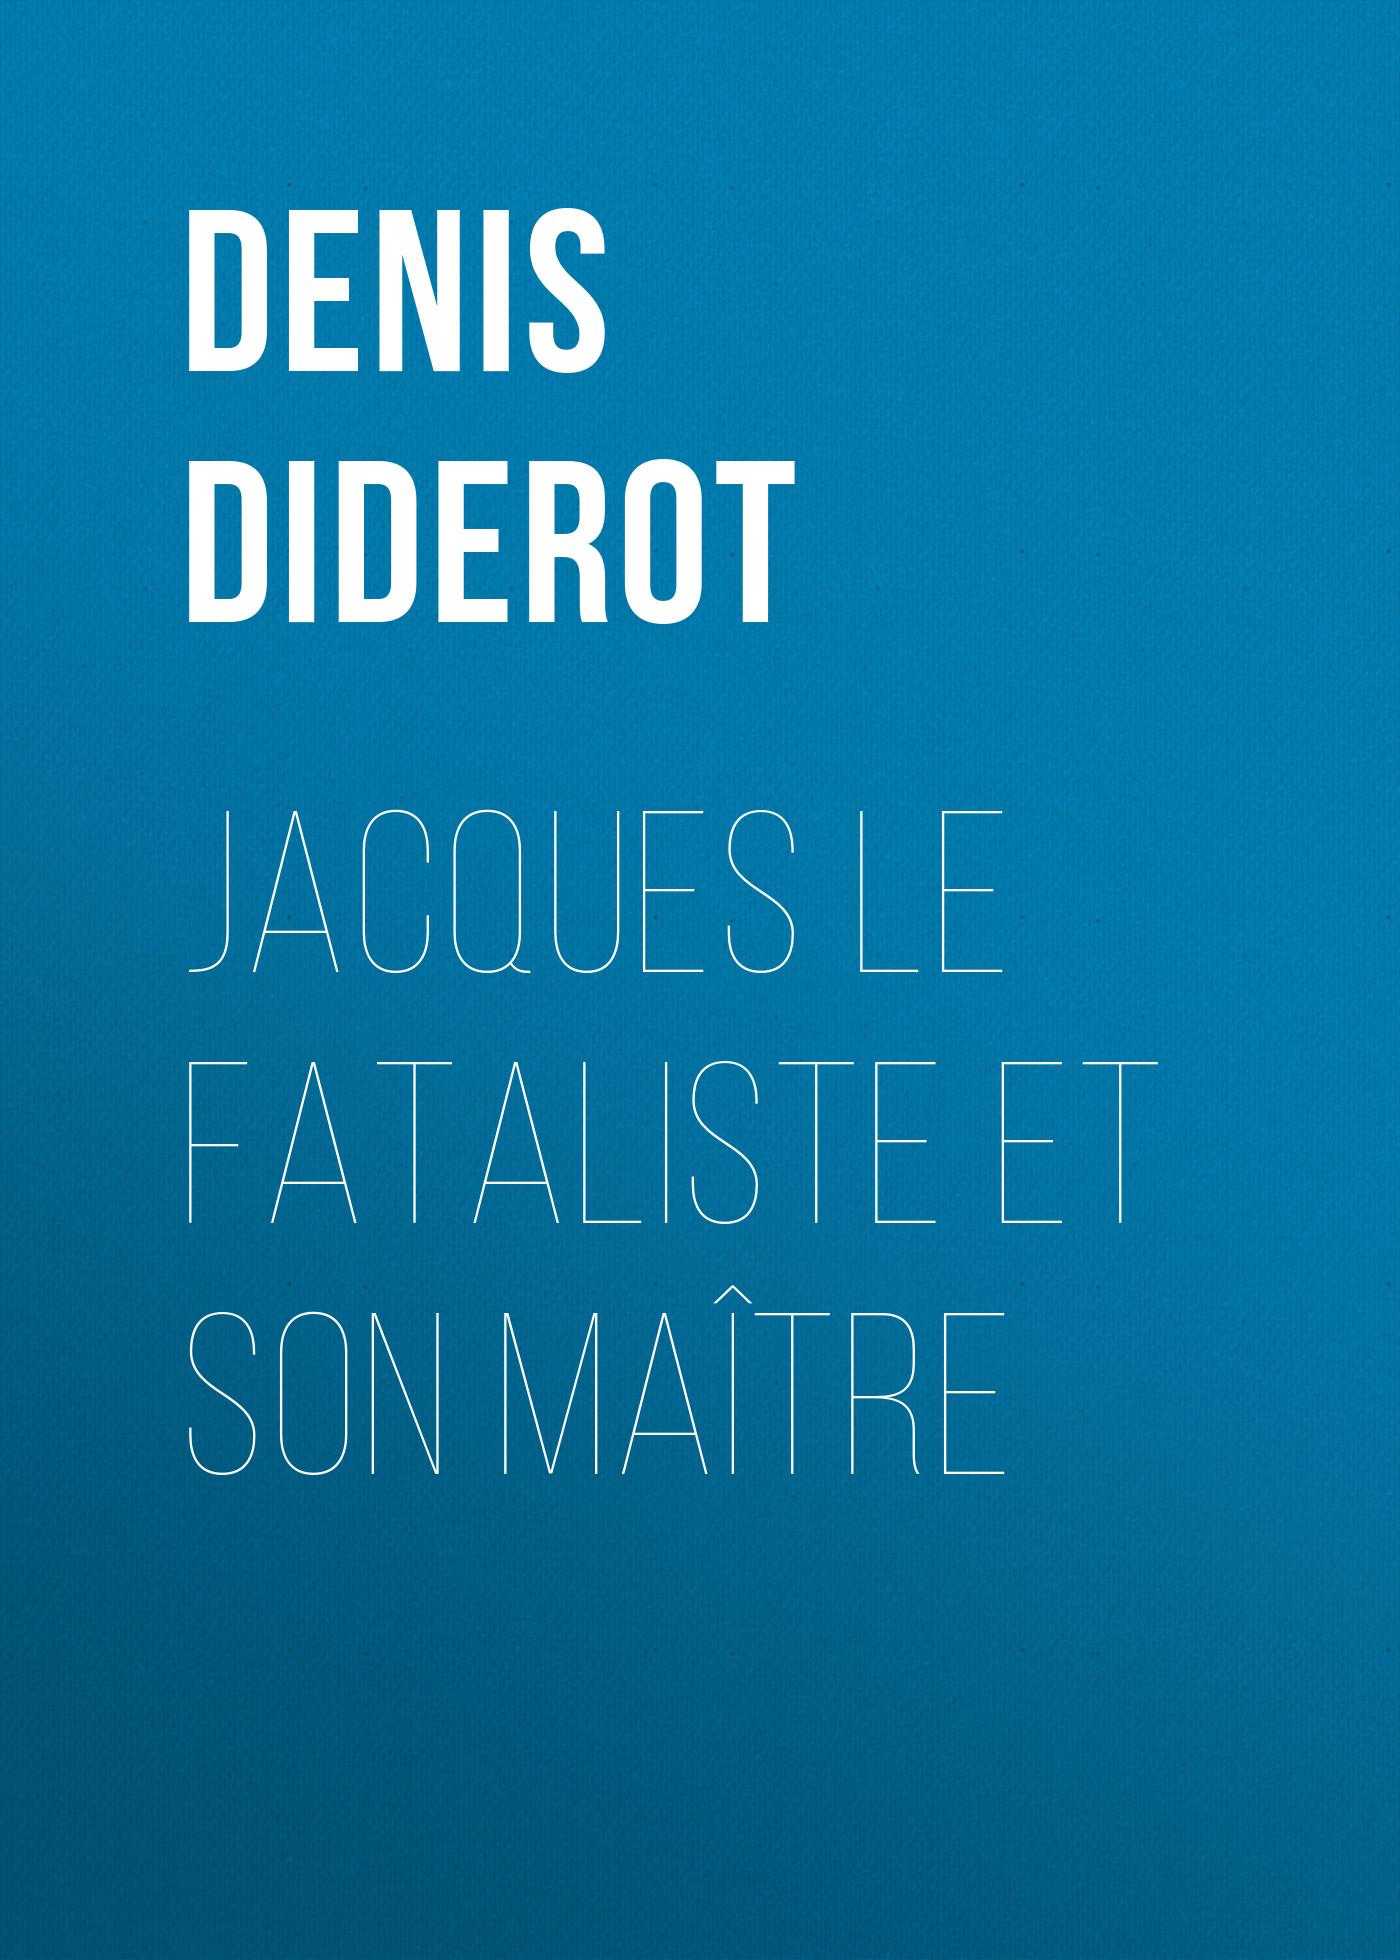 Denis Diderot Jacques le fataliste et son maître